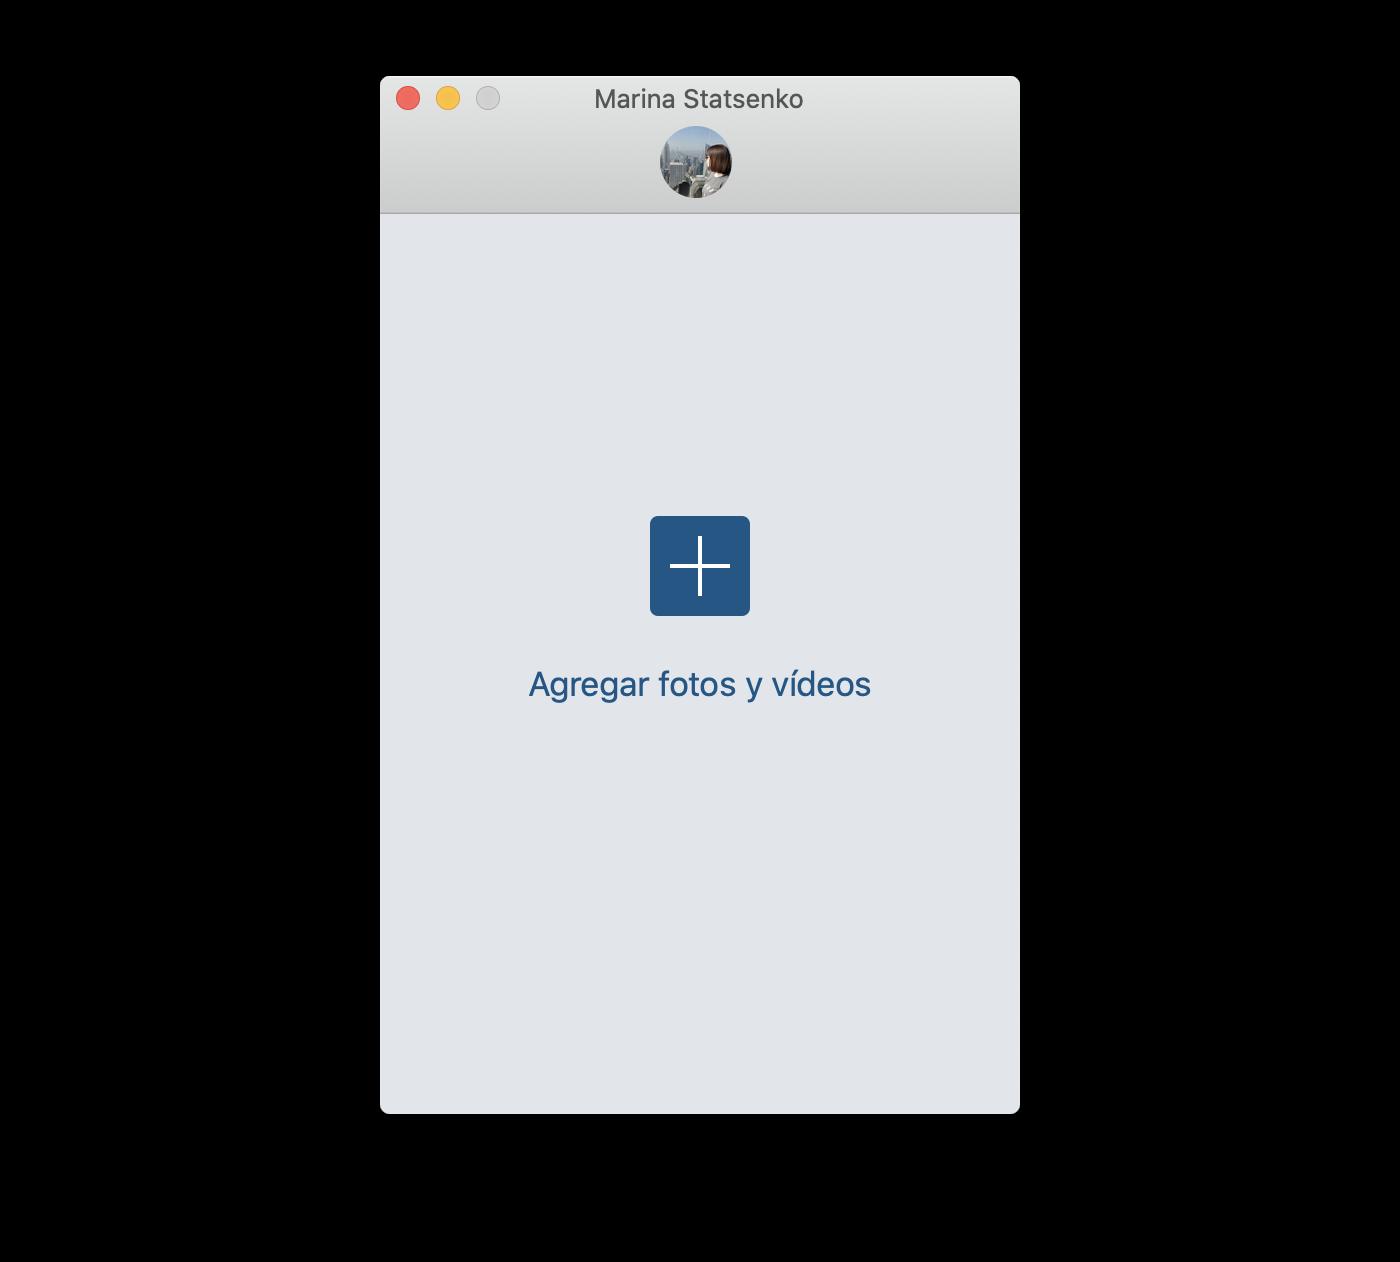 Subir fotos y vídeos a Instagram desde el Mac